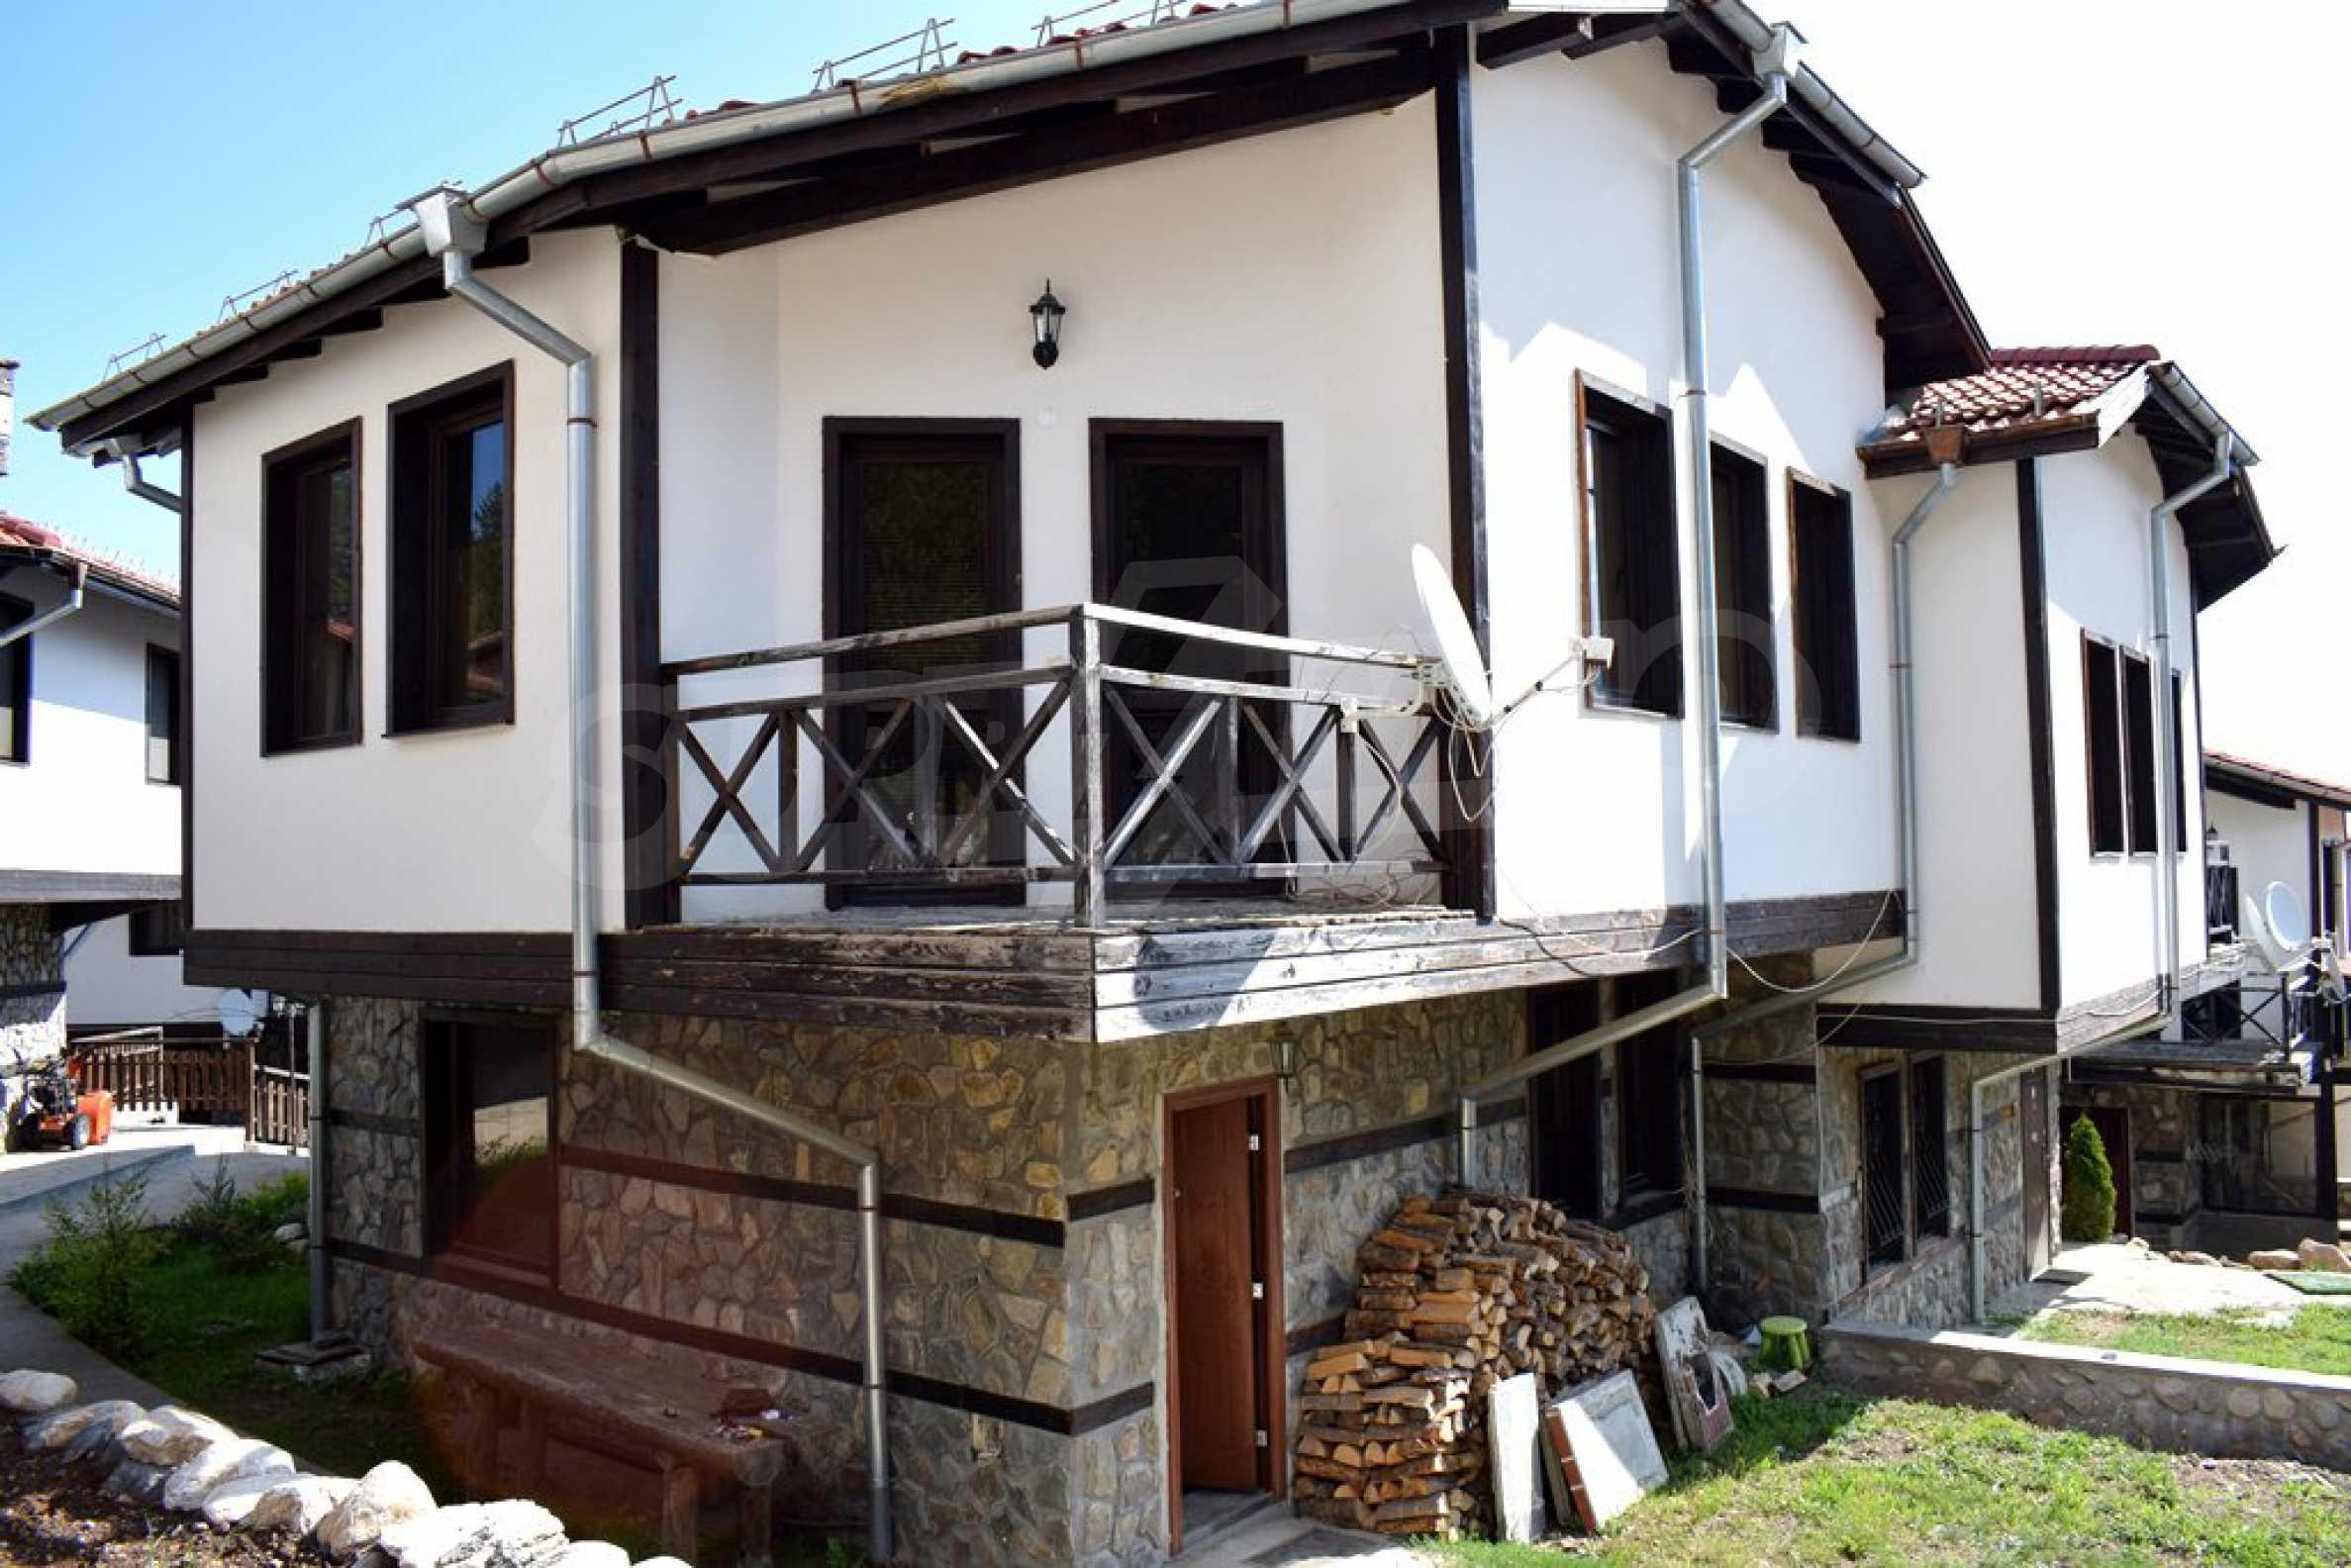 Двуетажна къща за продажба в спокоен и тих район